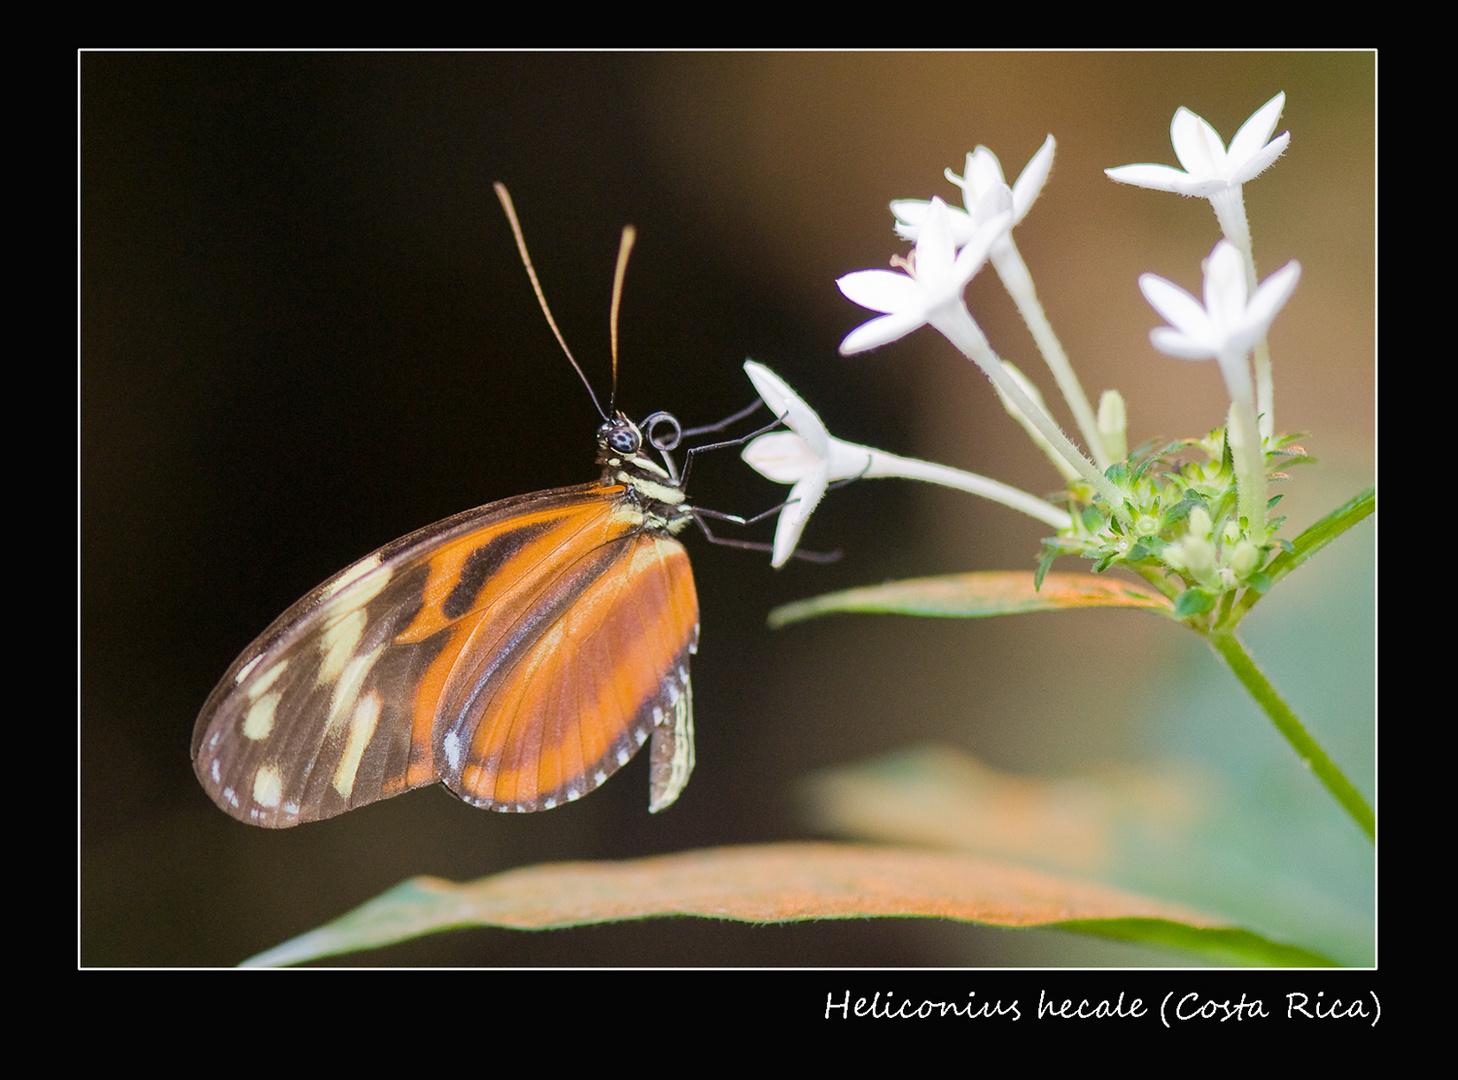 Heliconius hecale